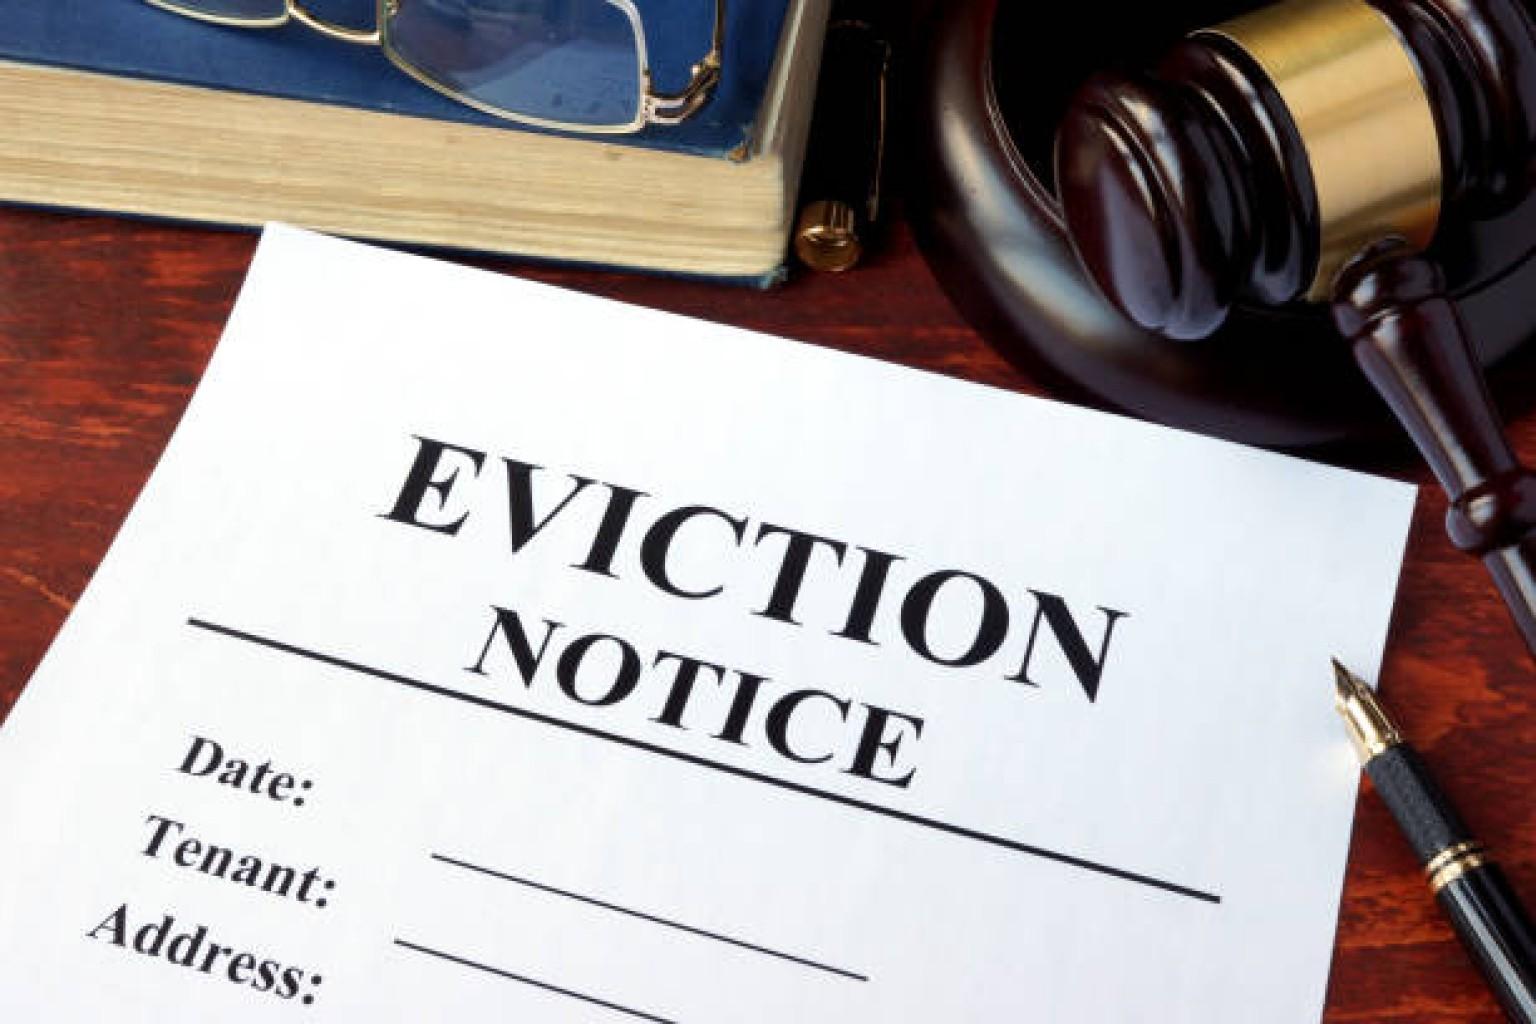 Asistencia para pago de emergencia de alquiler, hipoteca y servicios públicos